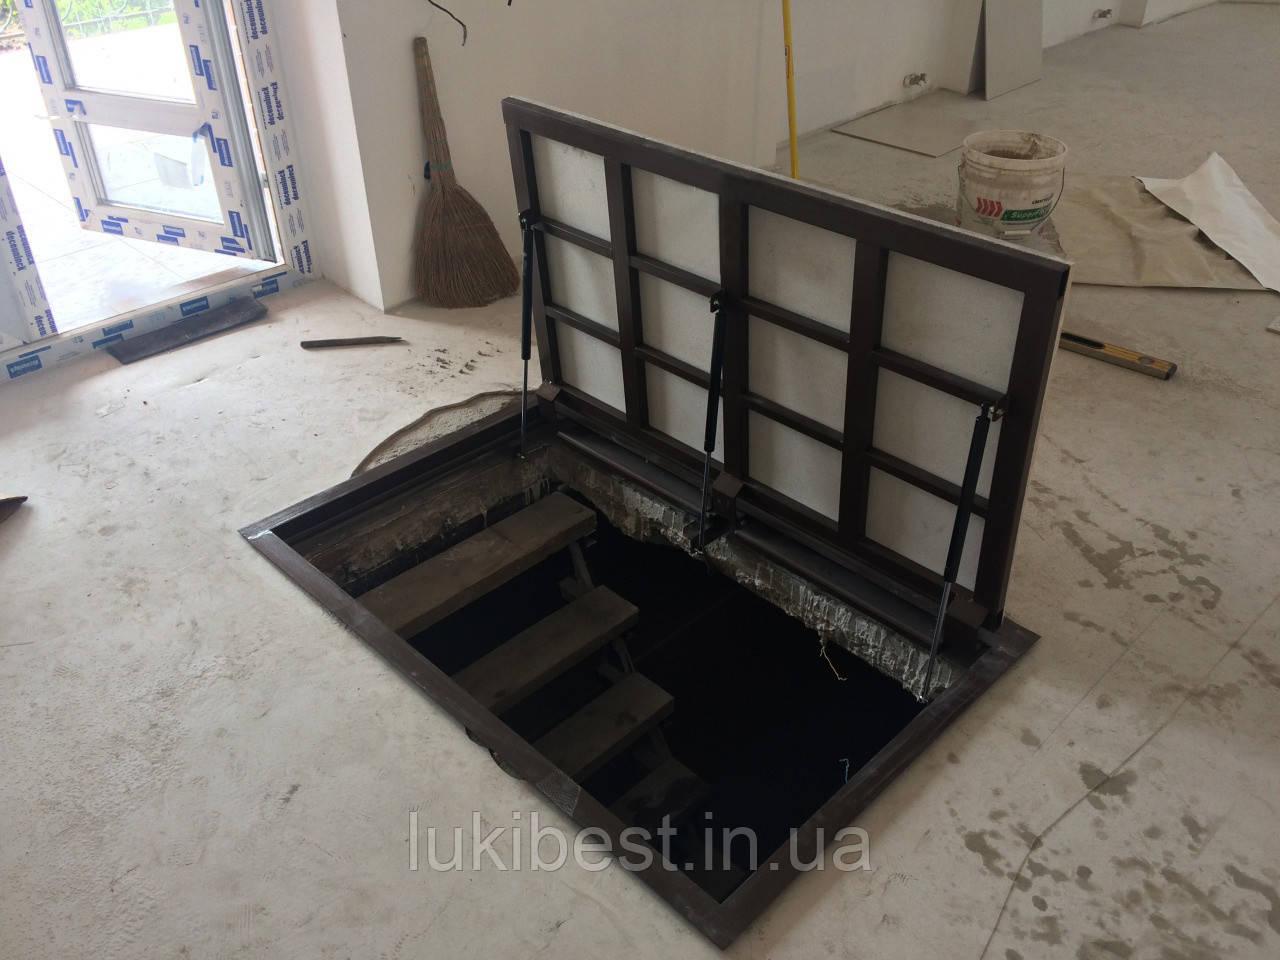 Напольный люк под ламинат 800*800 мм Вest Lift  / люк в погреб/ люк в подвал